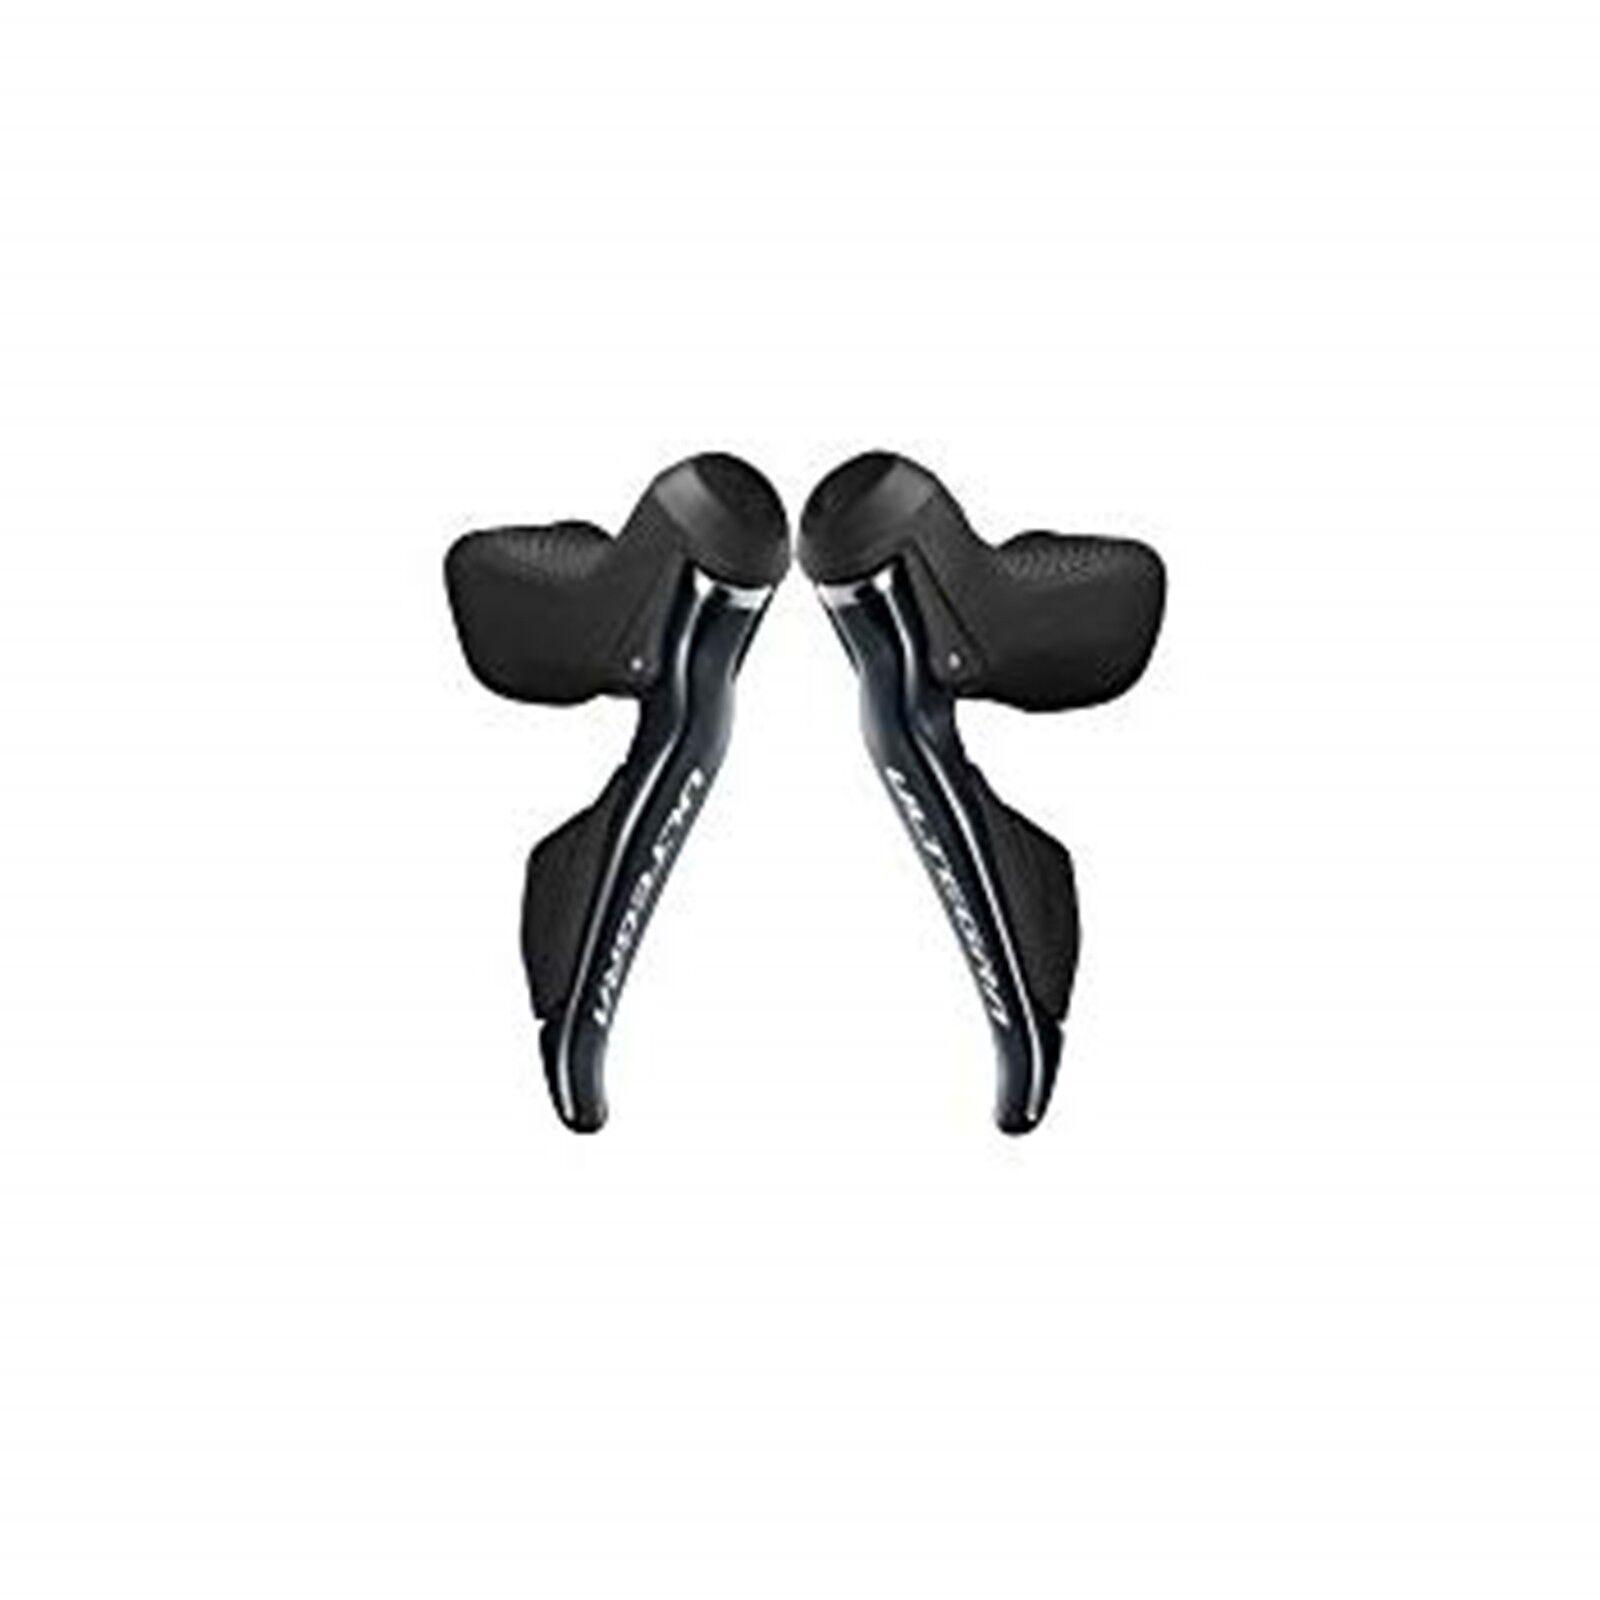 Shimano Ultegra ST-R8070 2x11 Dual Control Palanca Izquierda Derecha Par ISTR 8070PA Nuevo